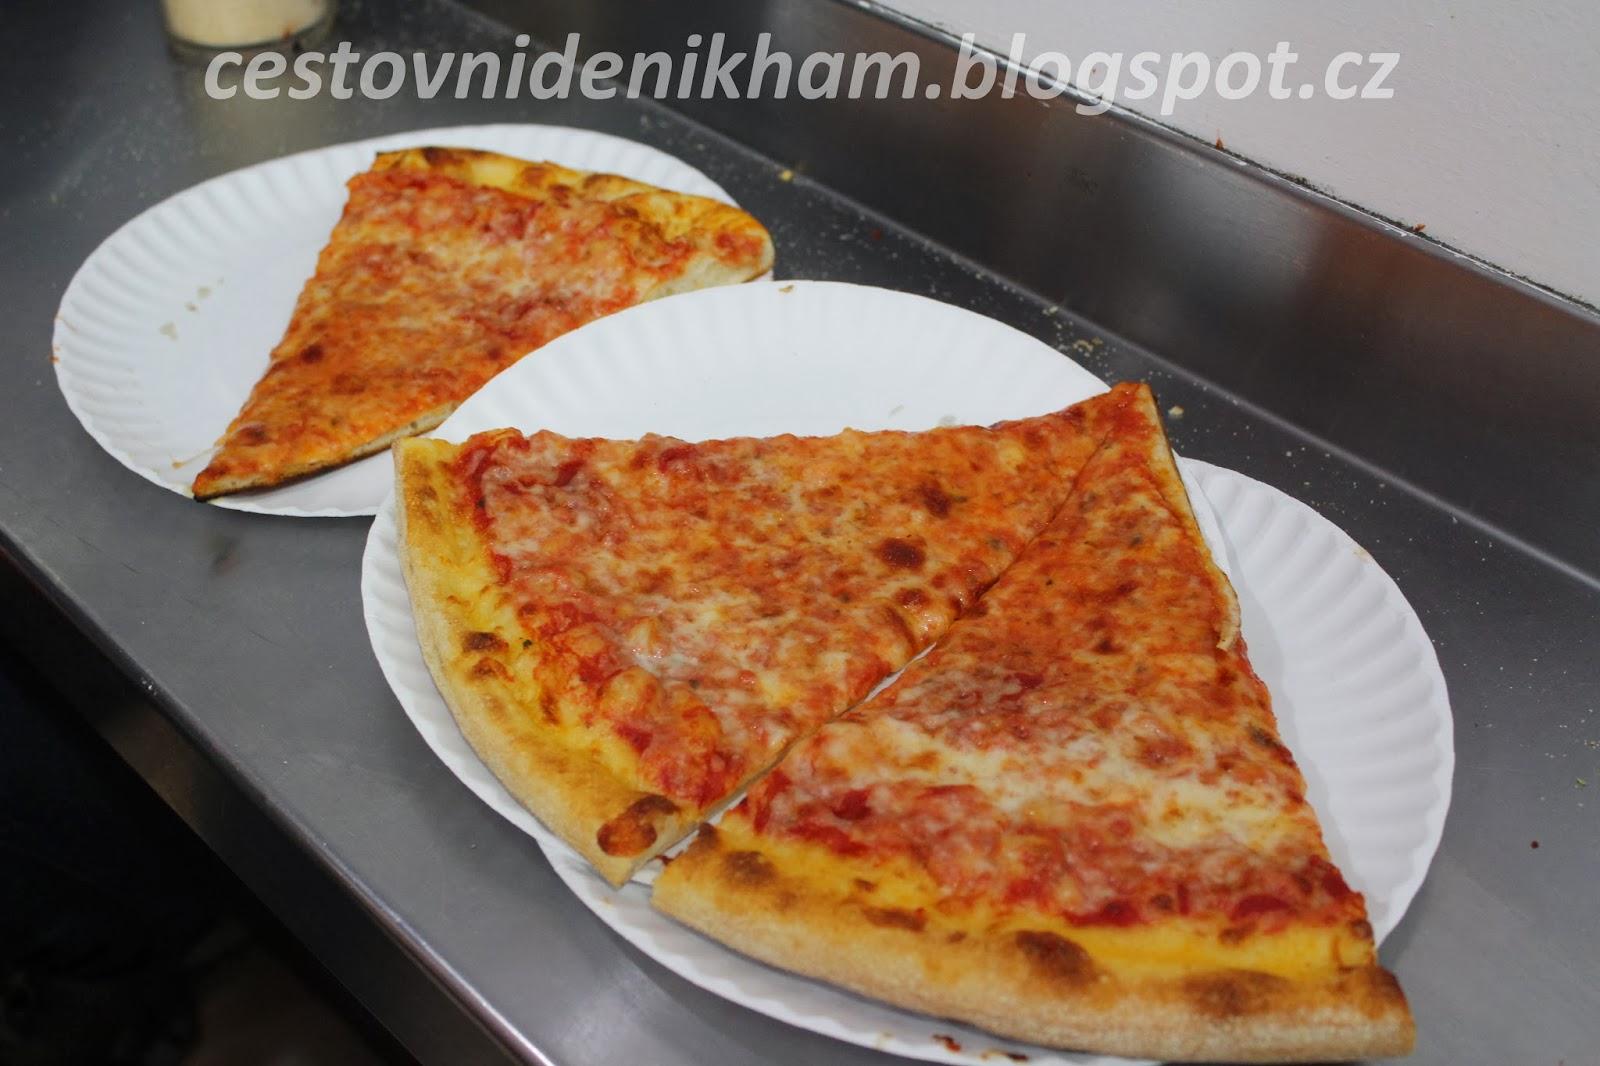 sýrová pizza // cheese pizza